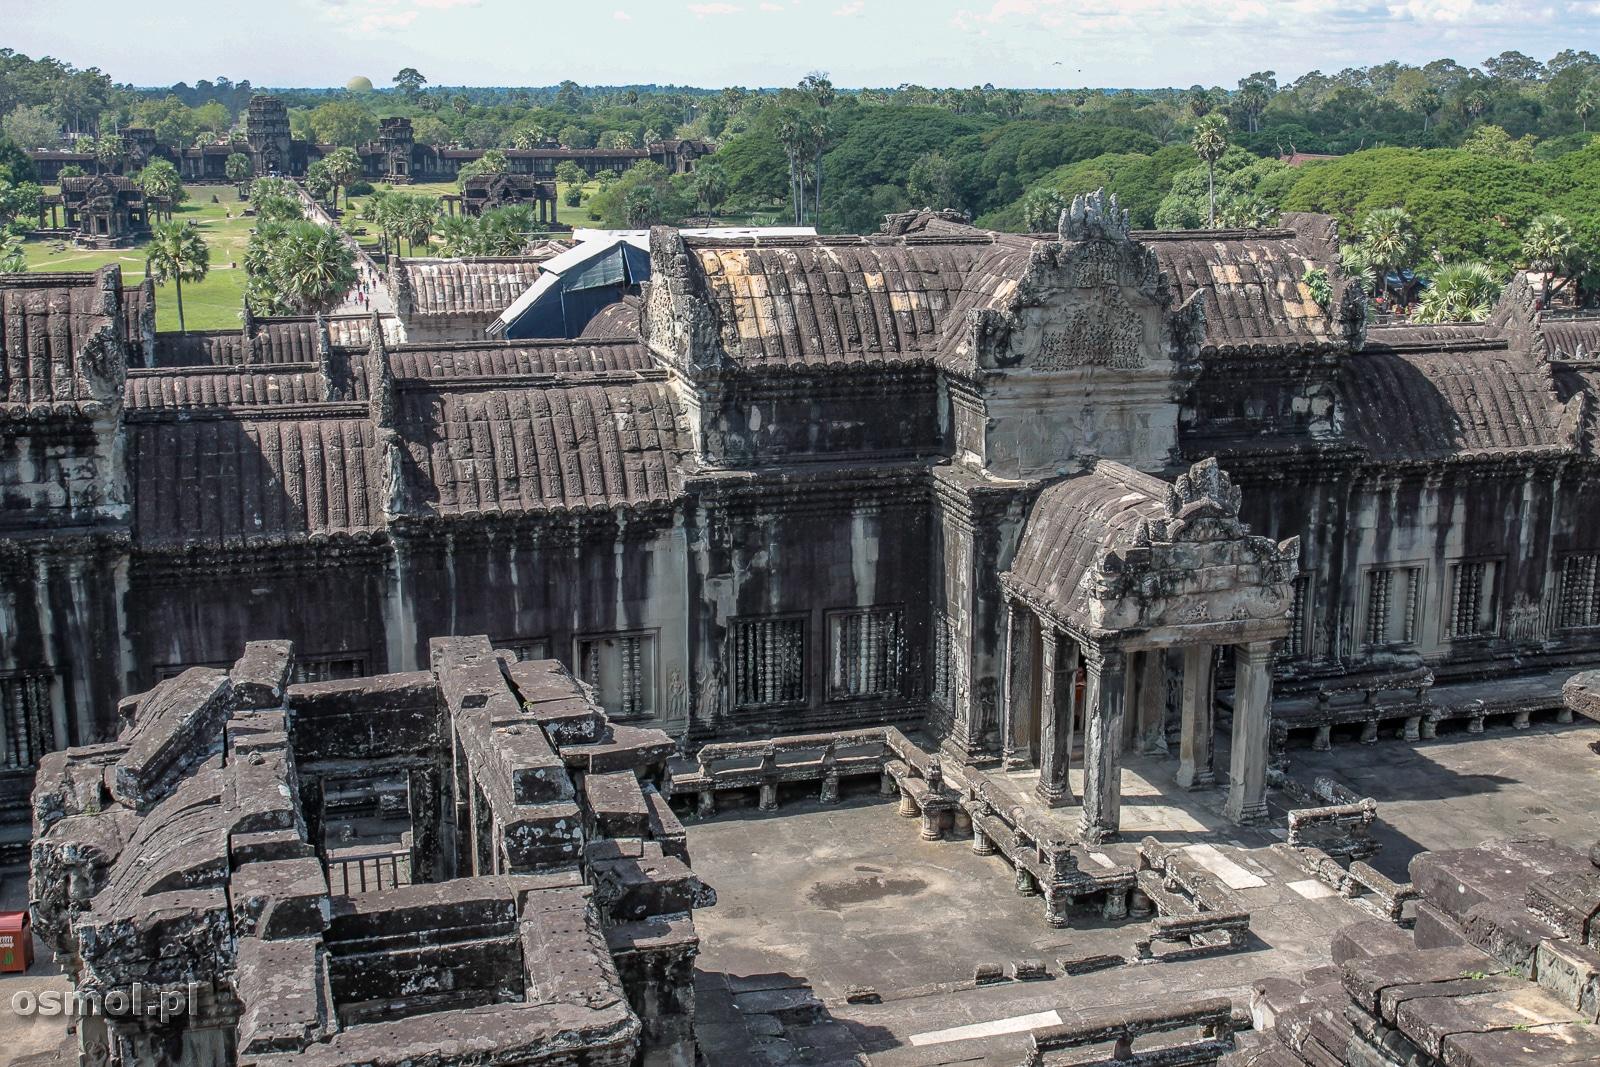 Świątynia Angkor Wat widziana z najwyższego poziomu